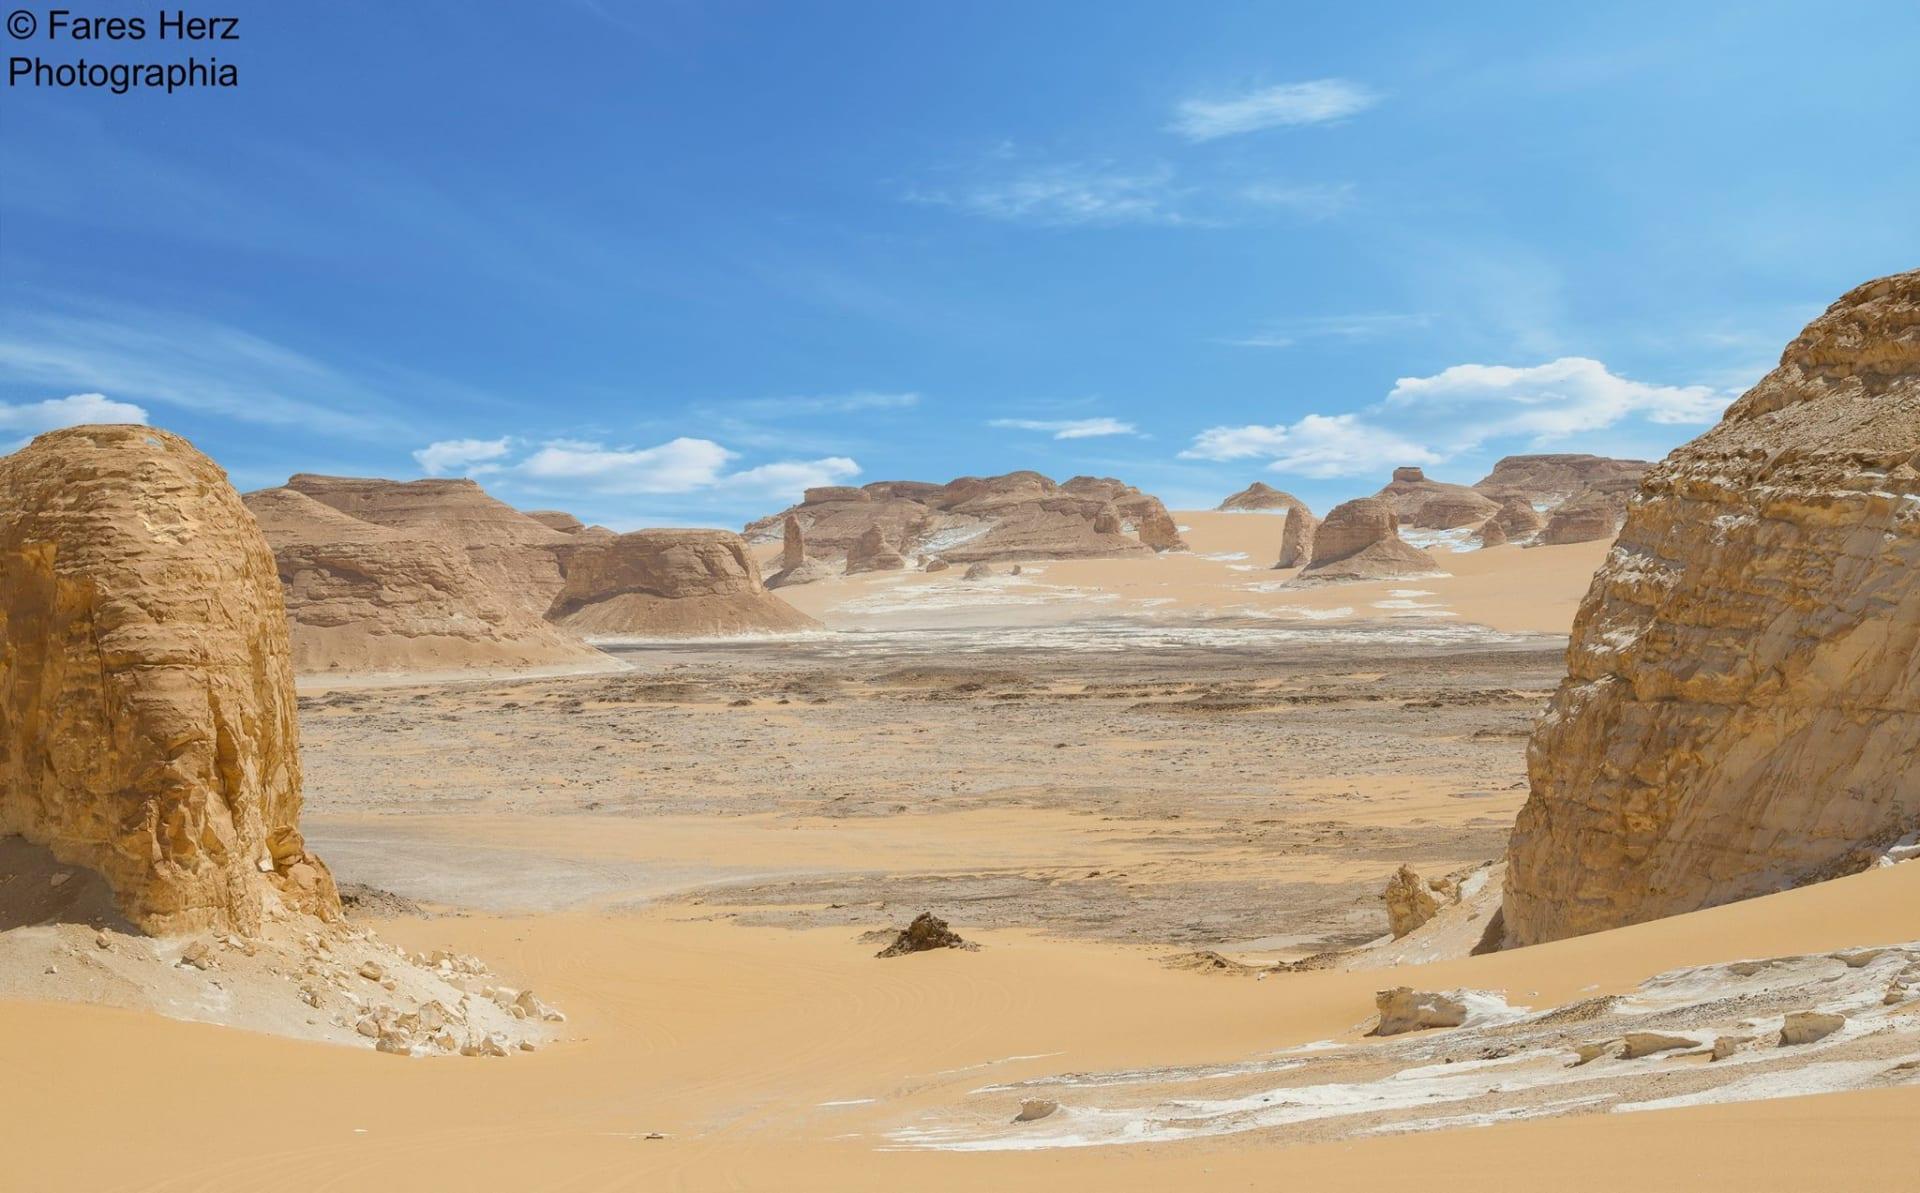 منطقة وادي العقبات في الصحراء البيضاء